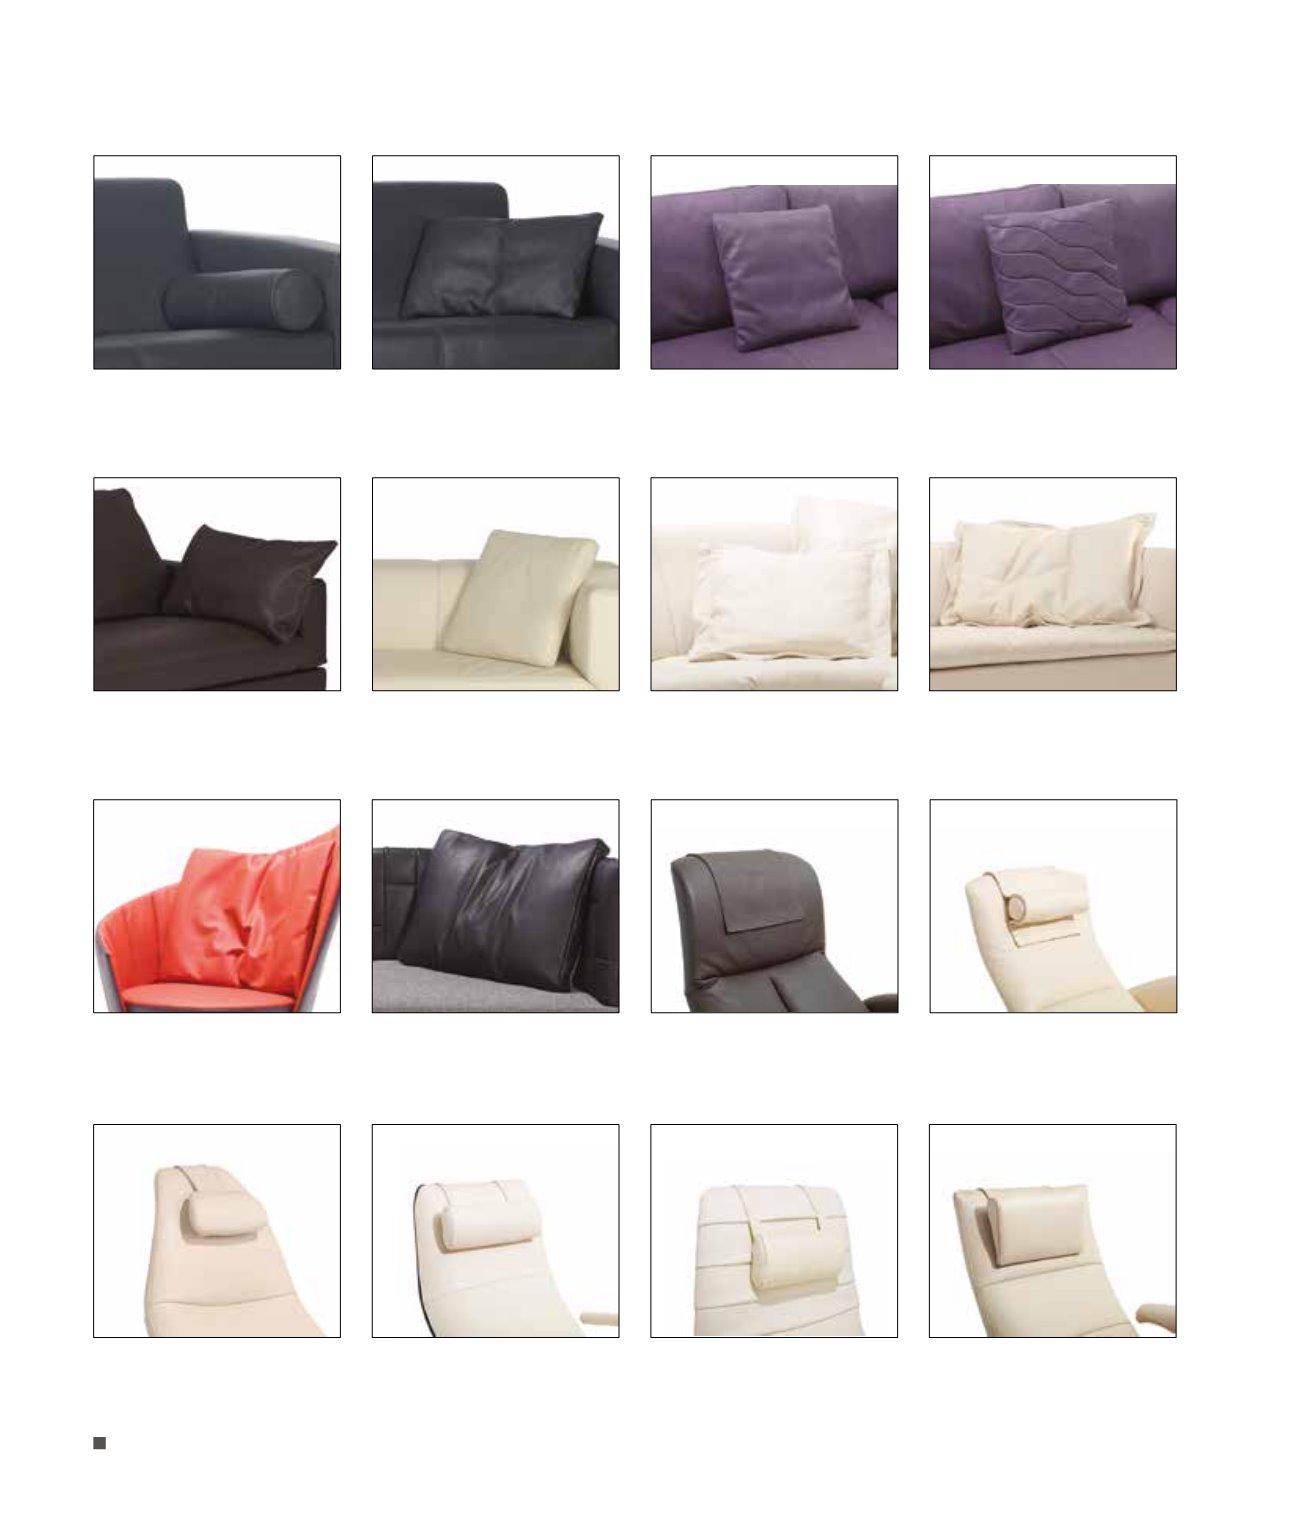 Yajuhoy Coussin de si/ège en gel double /épais pour une longue assise avec housse antid/érapante coussinets de chaise en nid dabeille respirant absorbant les points de pression pour fauteuil roulant